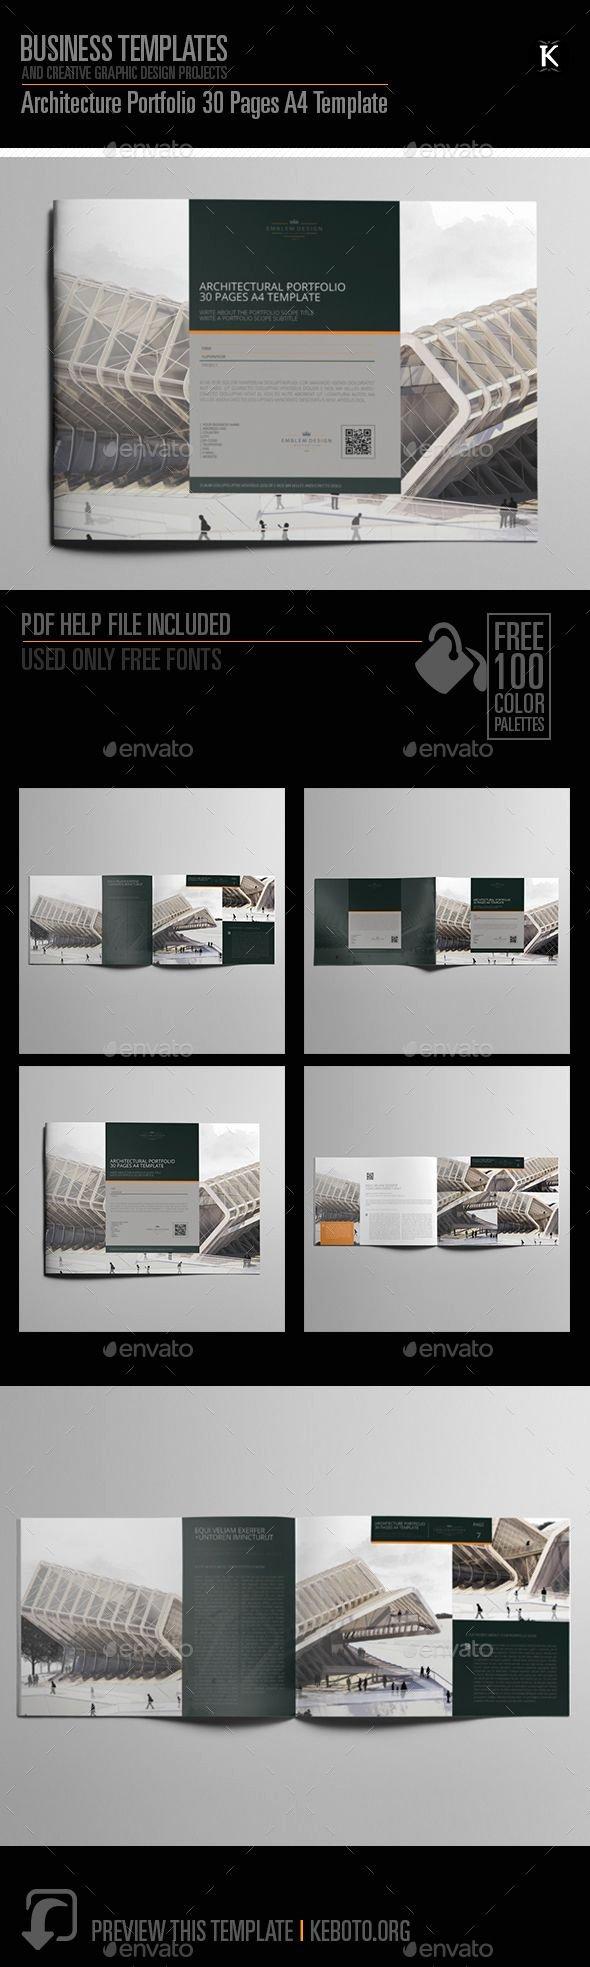 Architecture Portfolio Template Indesign Elegant Architecture Portfolio Brochure Template Indesign Indd 30